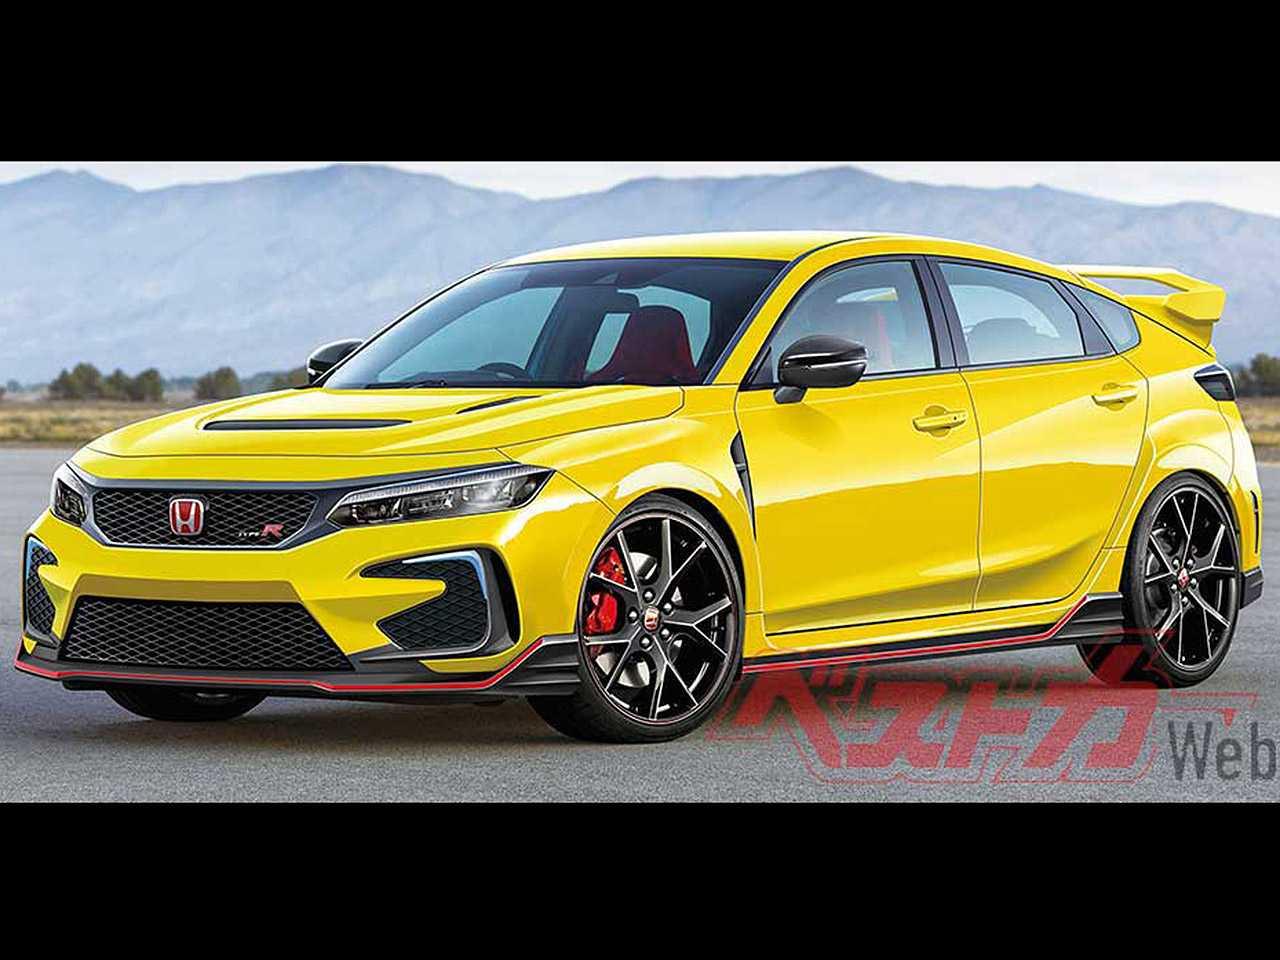 Projeção do Best Car Web para a nova geração do Honda Civic na versão esportiva Type R